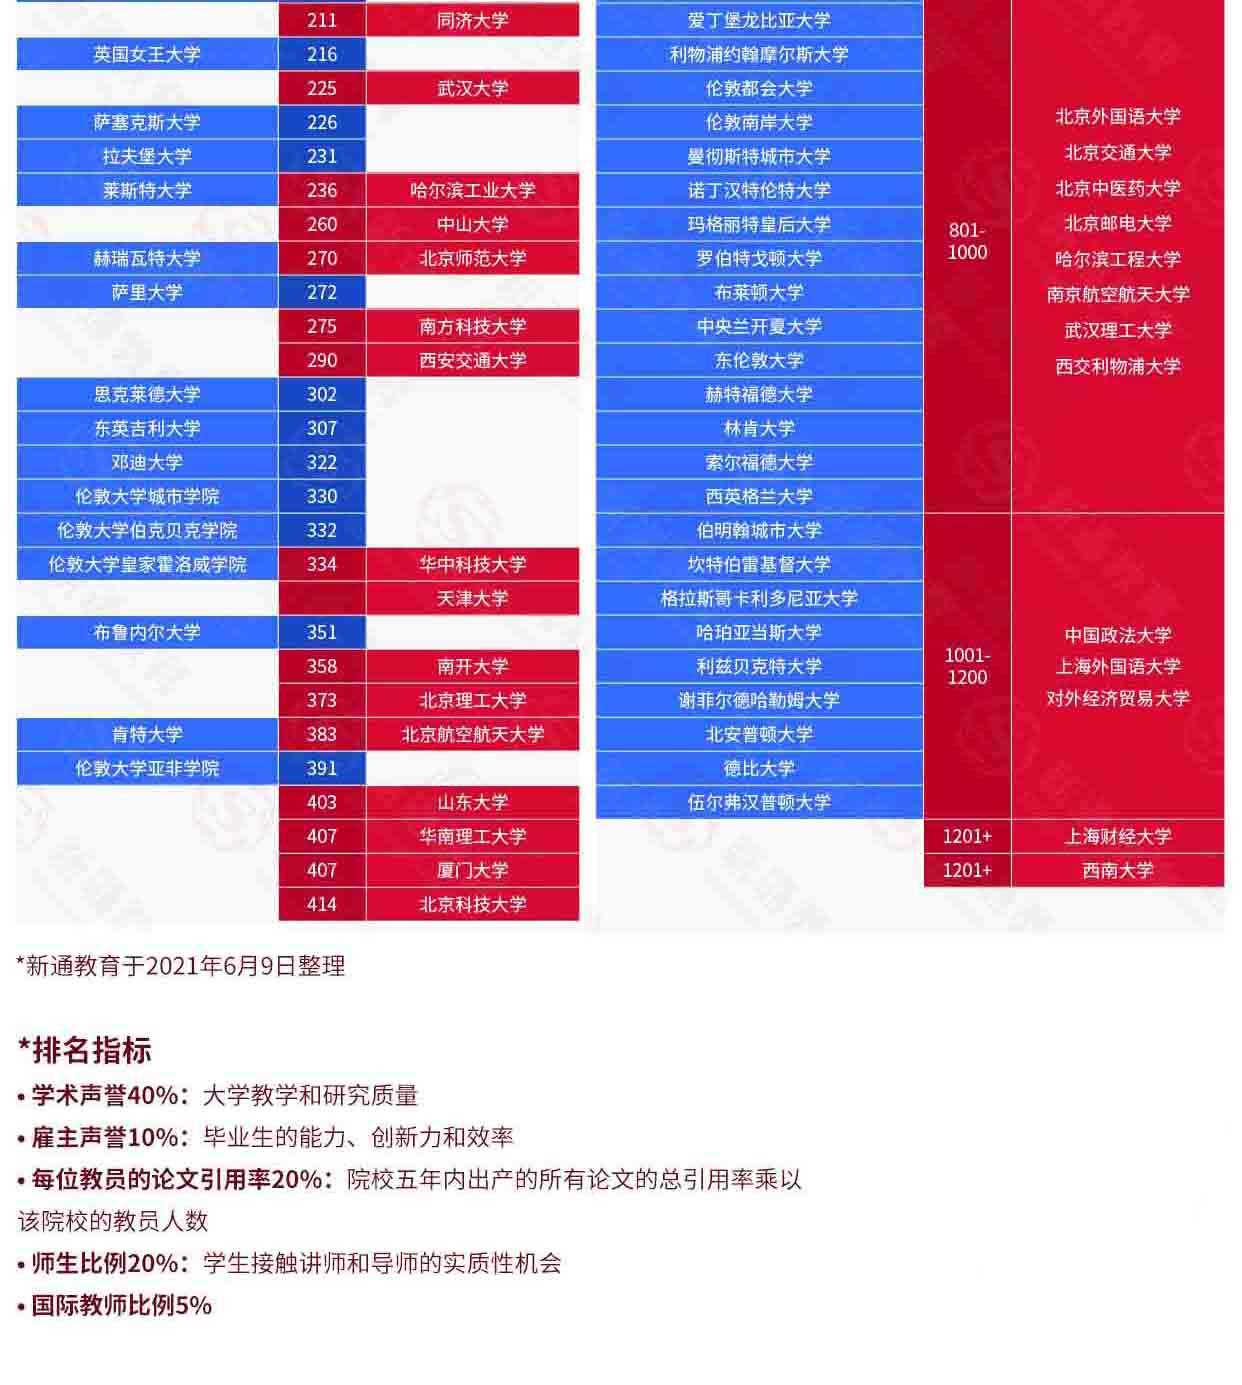 2022QS世界大学排名解析:中国大陆高校与世界大学排名对比,助力全球志愿填报22